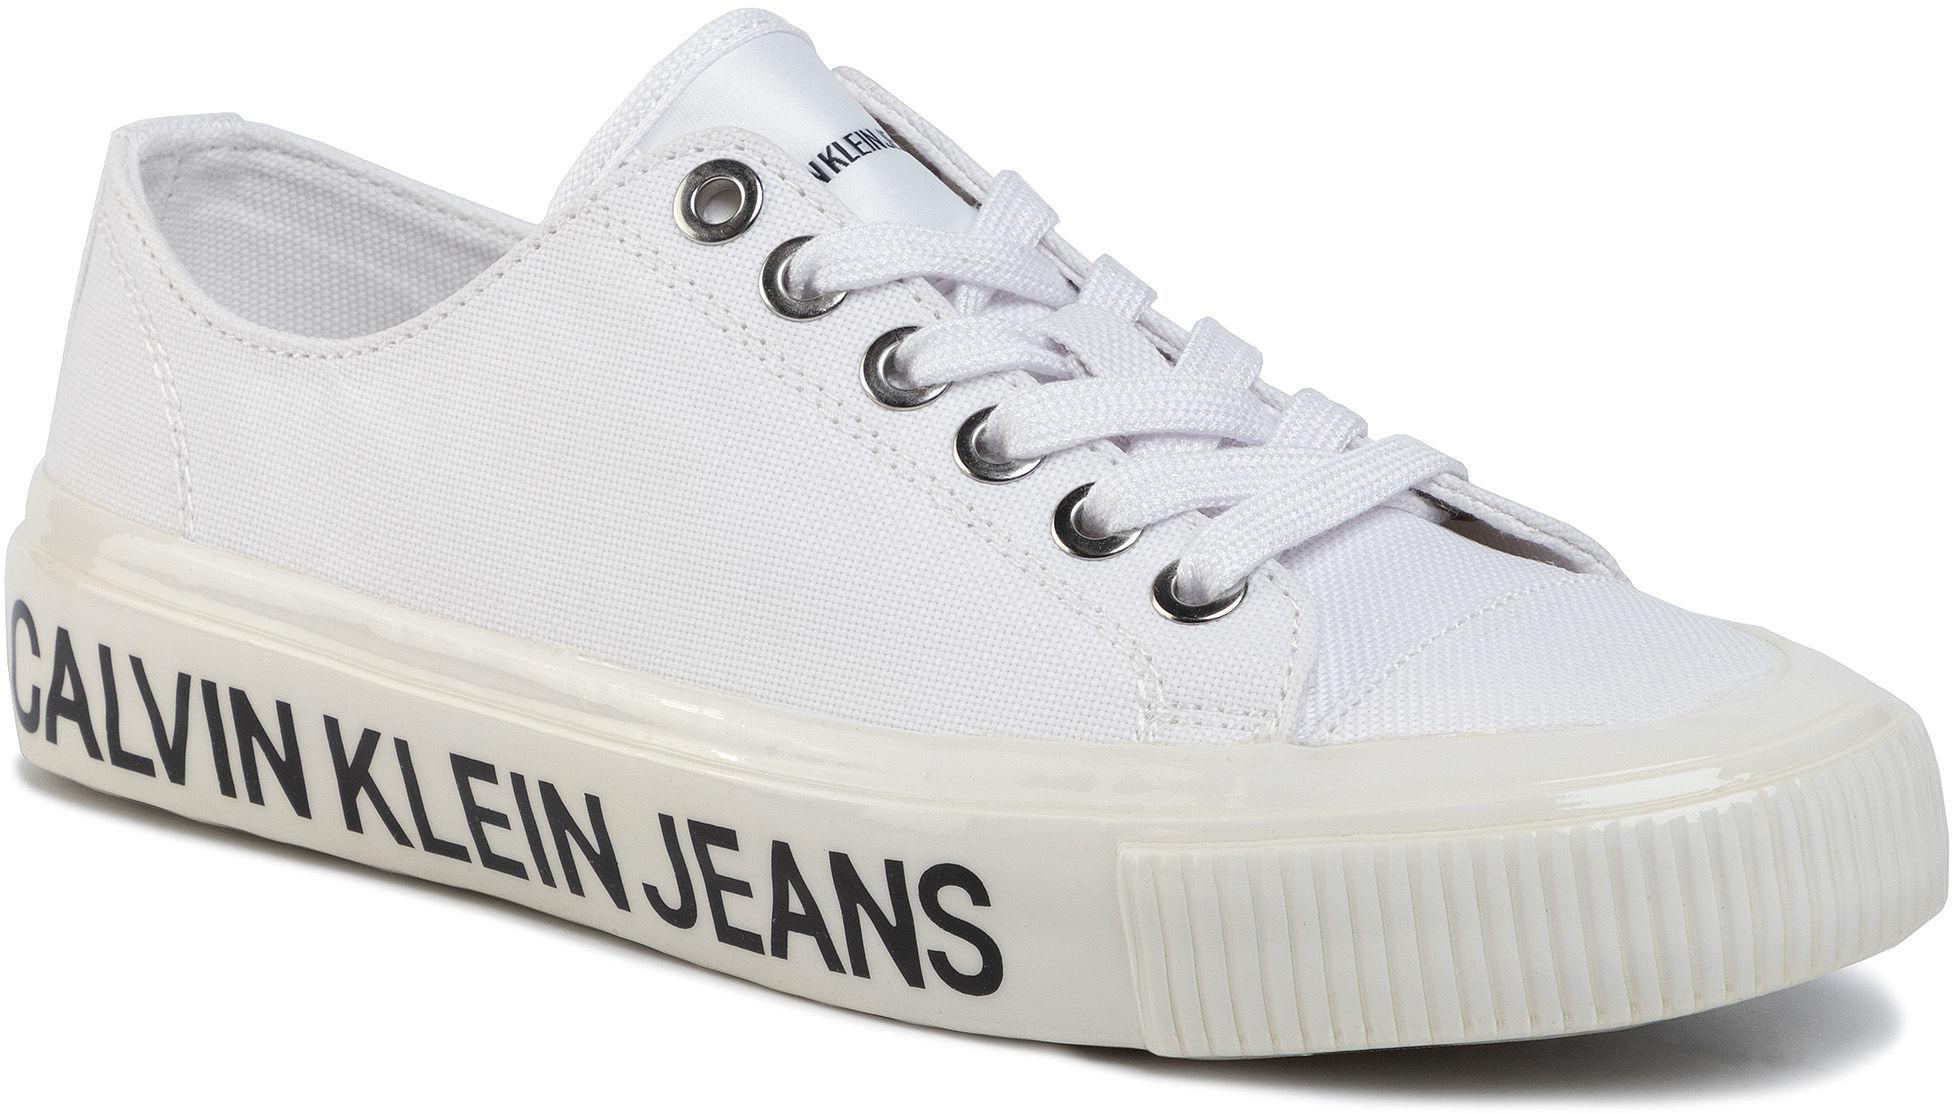 Tenisówki CALVIN KLEIN JEANS - Destinee B4R0807 White